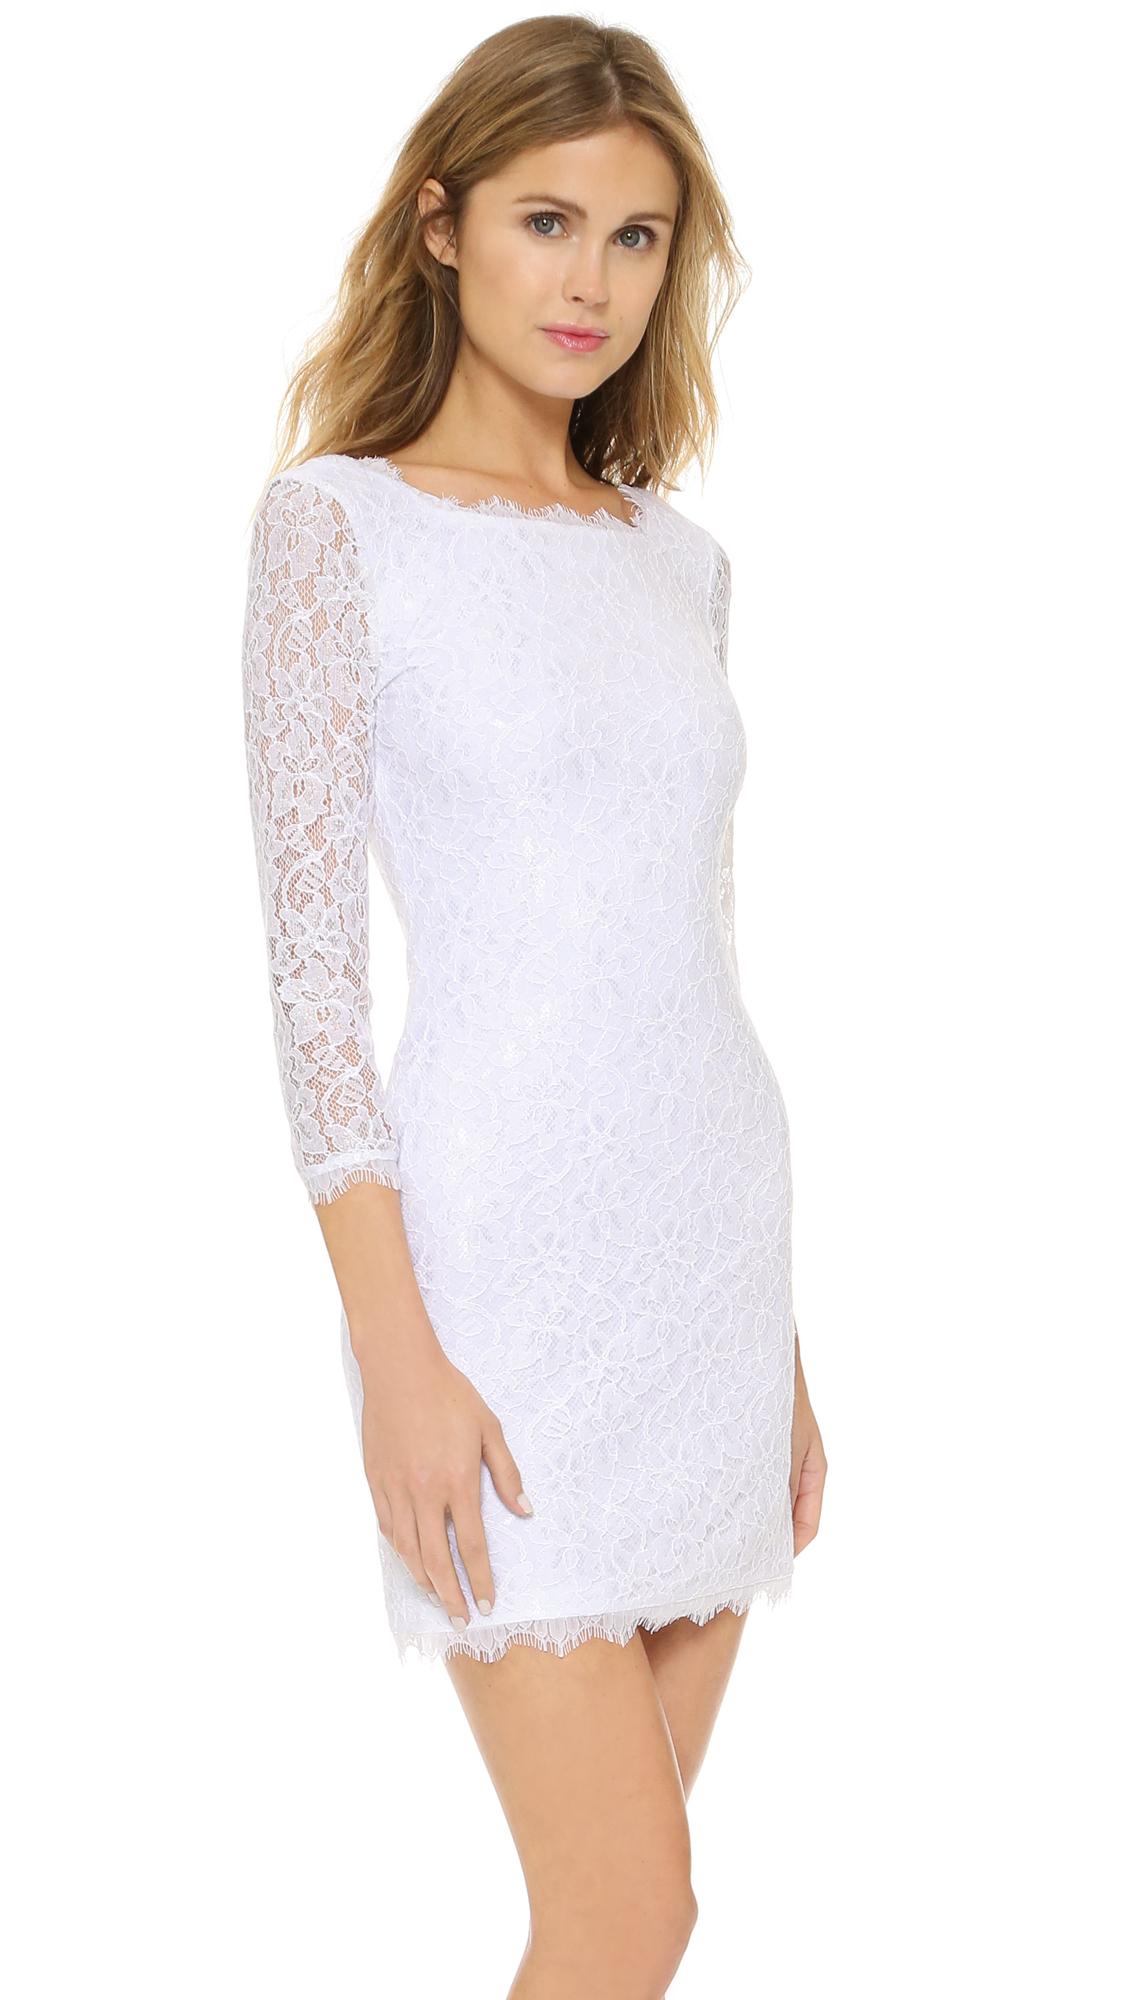 diane von furstenberg zarita lace dress white in white lyst. Black Bedroom Furniture Sets. Home Design Ideas